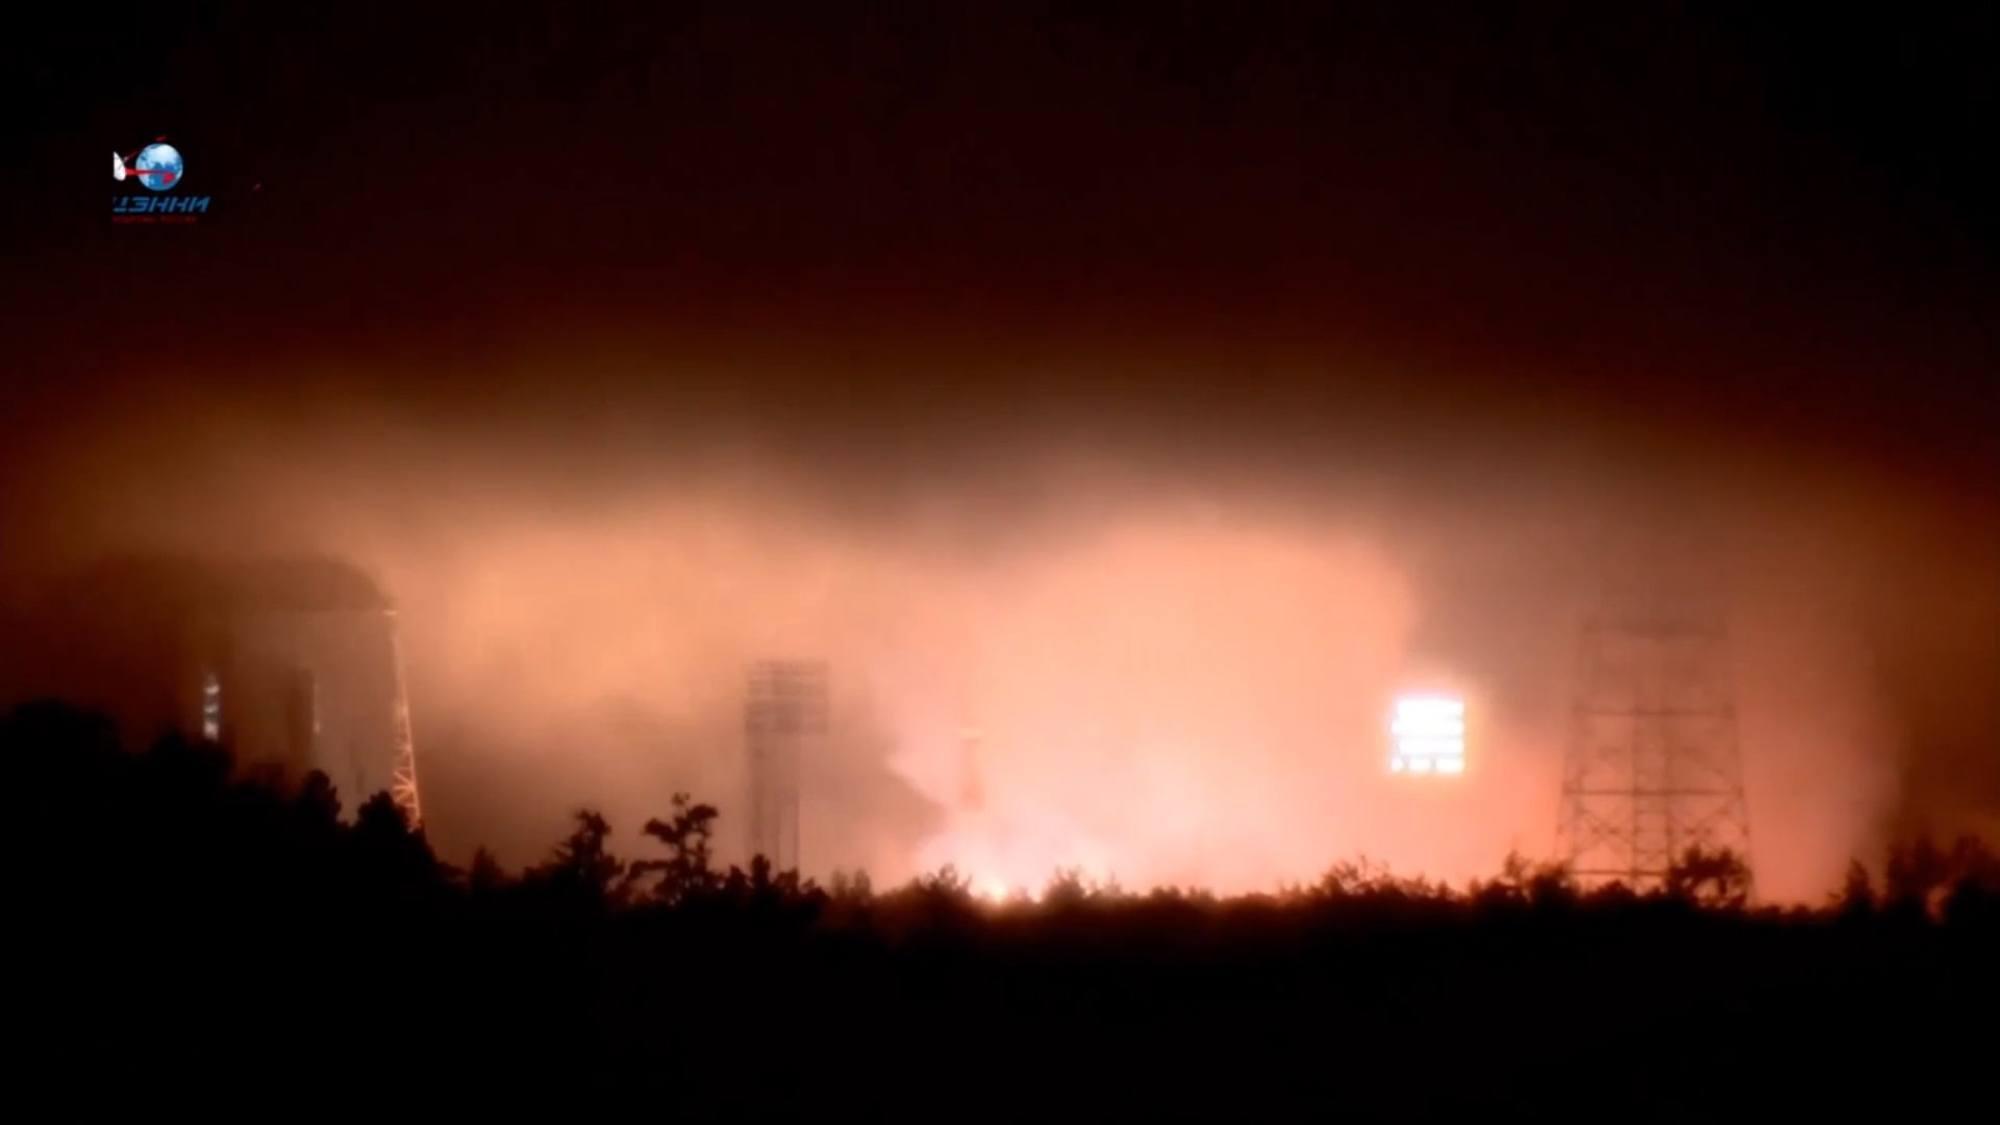 Le brouillard lumineux provoqué par l'ambiance pluvieuse à Vostochny lors du décollage de Soyouz 2.1b.